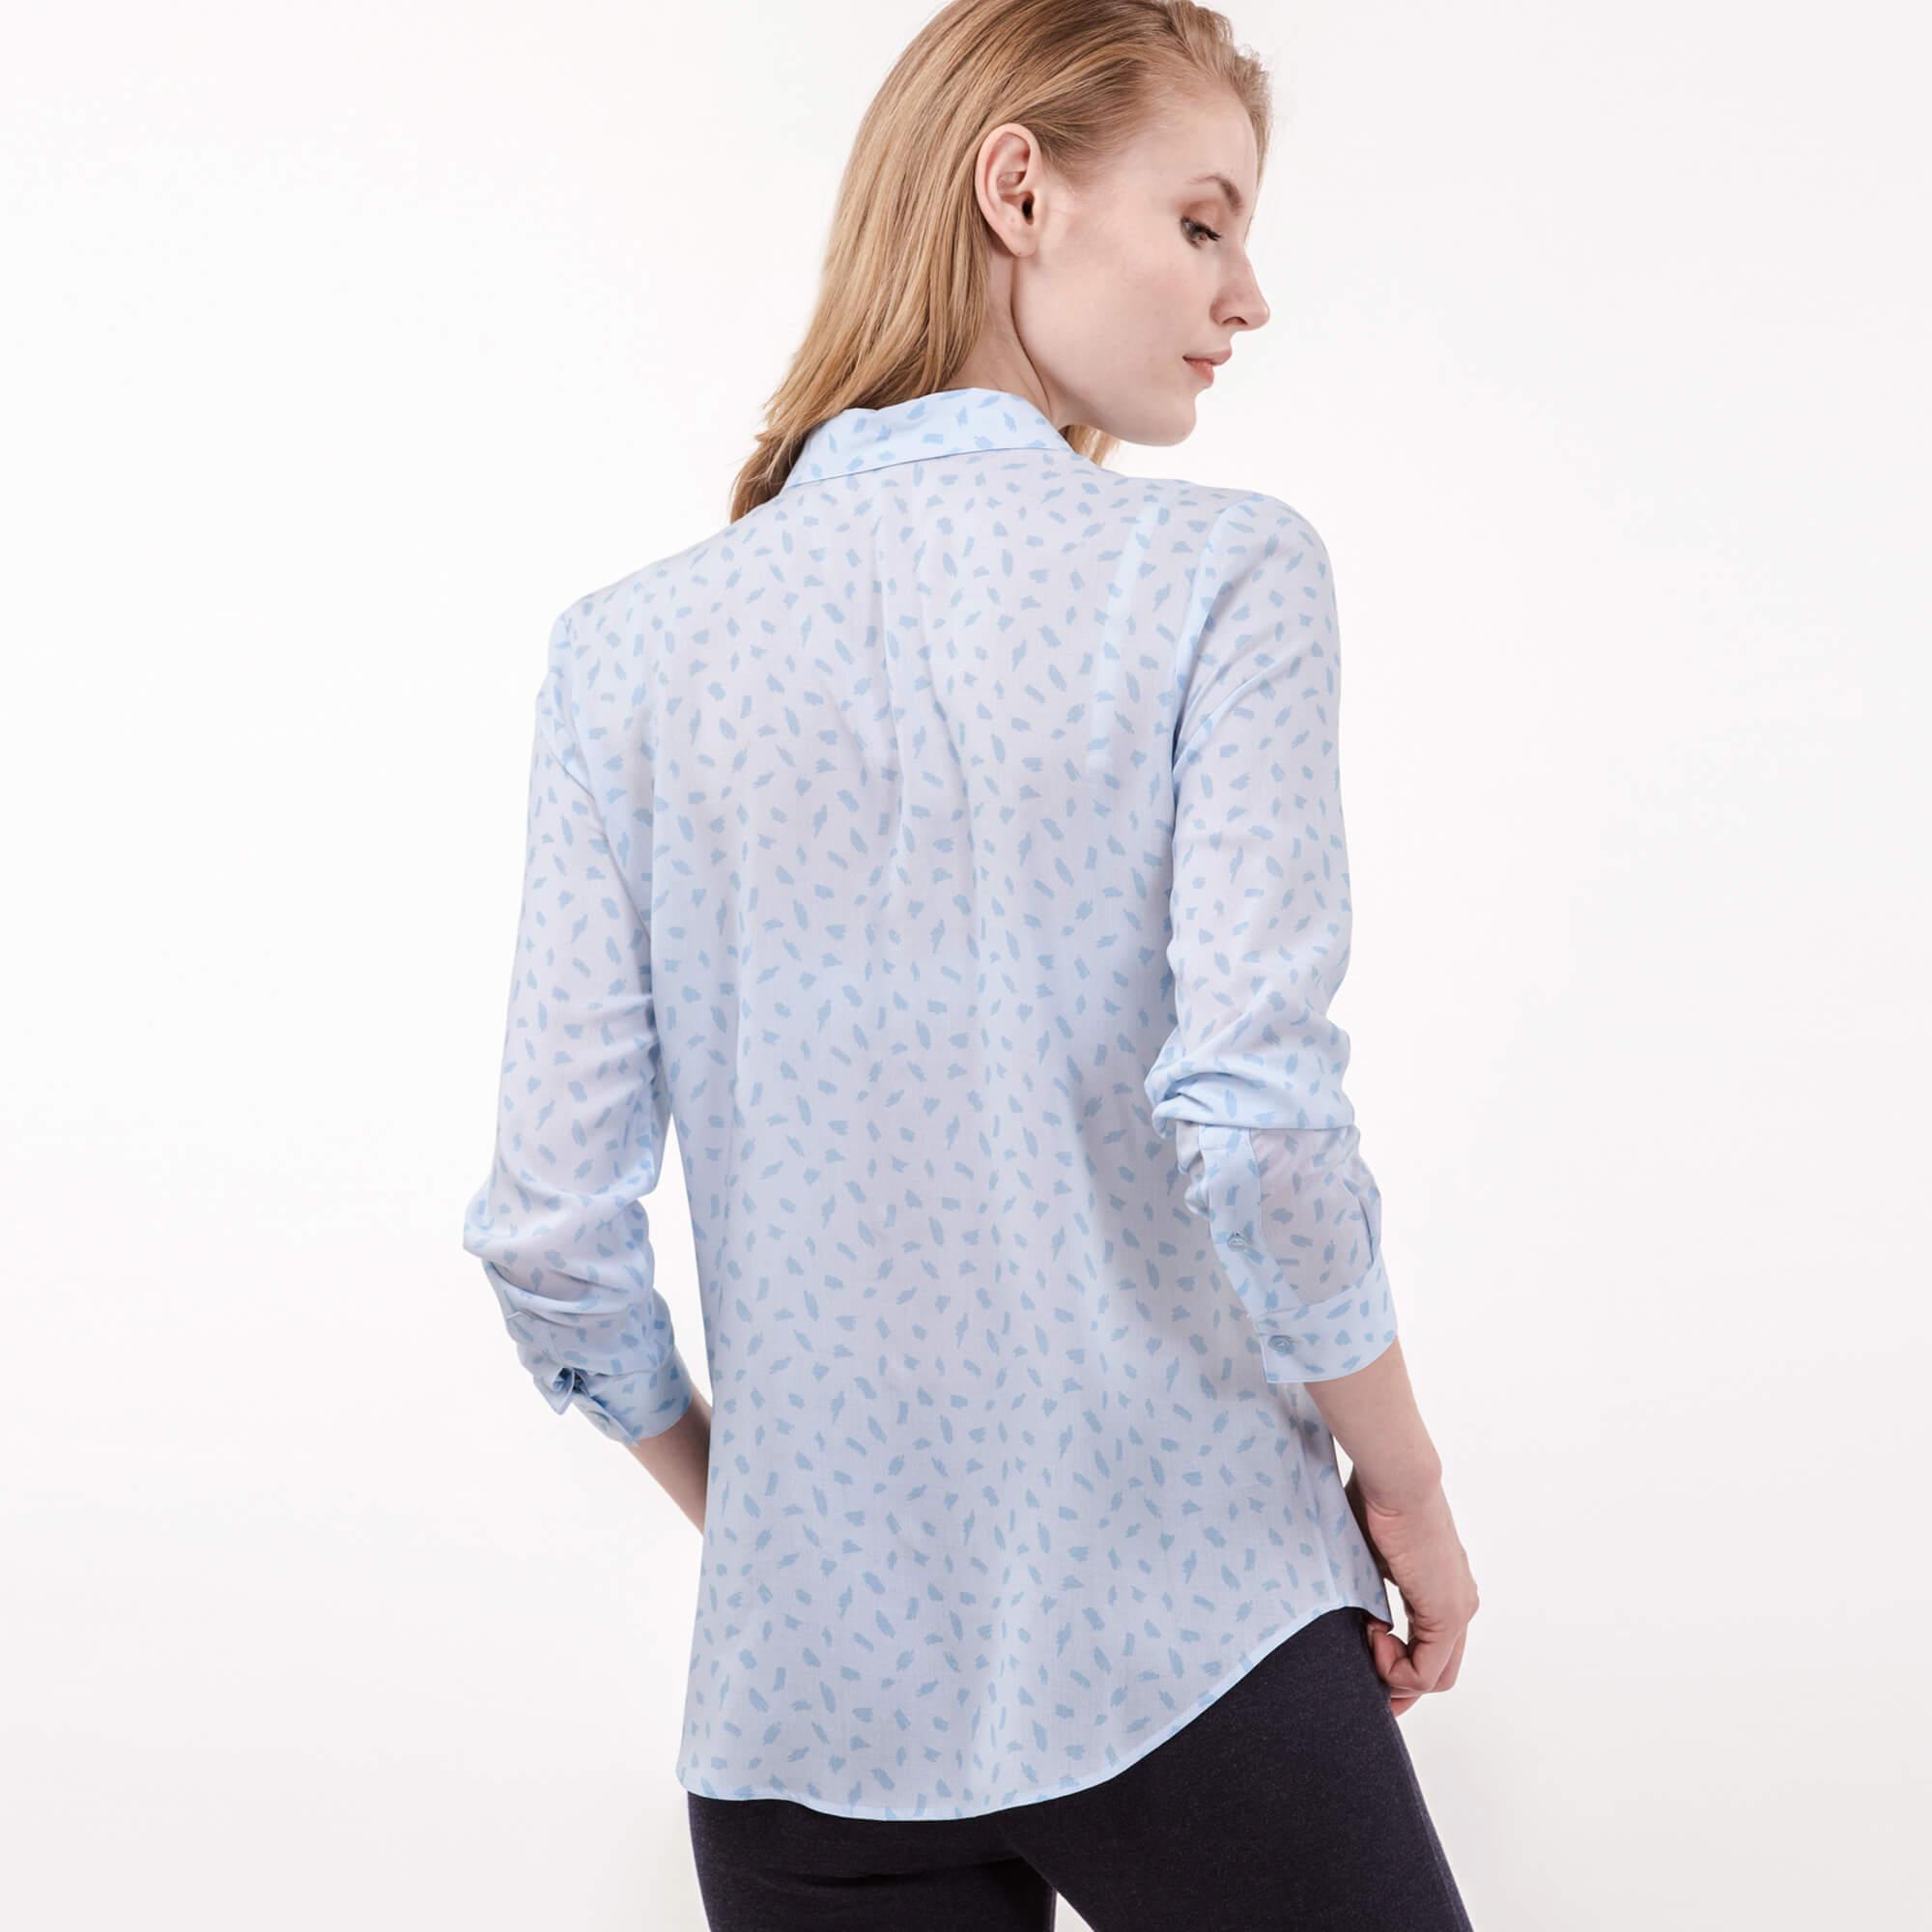 Lacoste Kadın Baskılı Mavi Gömlek